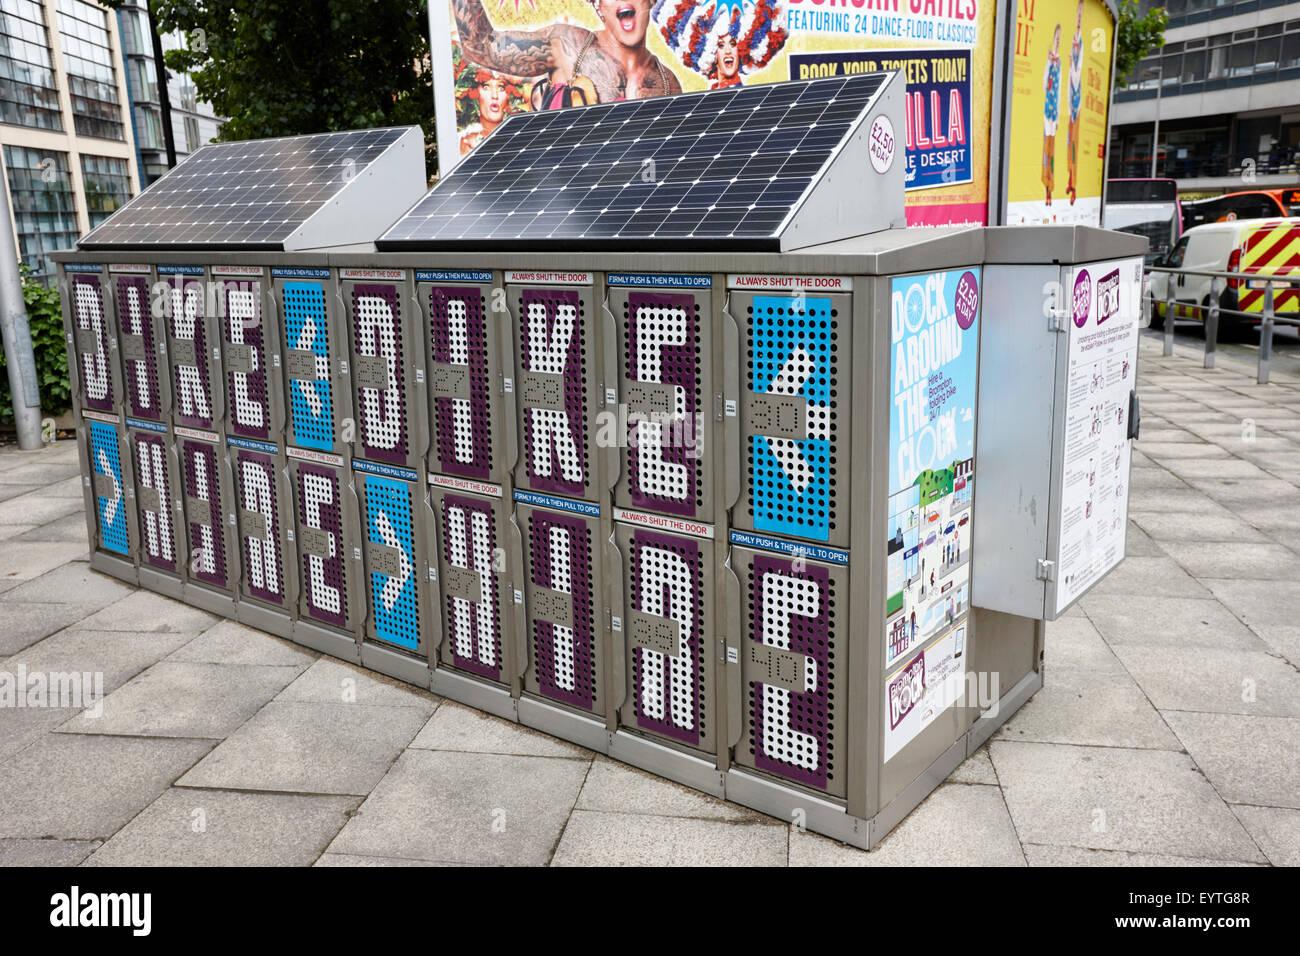 Brompton folding Fahrradverleih dock Manchester England UK Stockbild